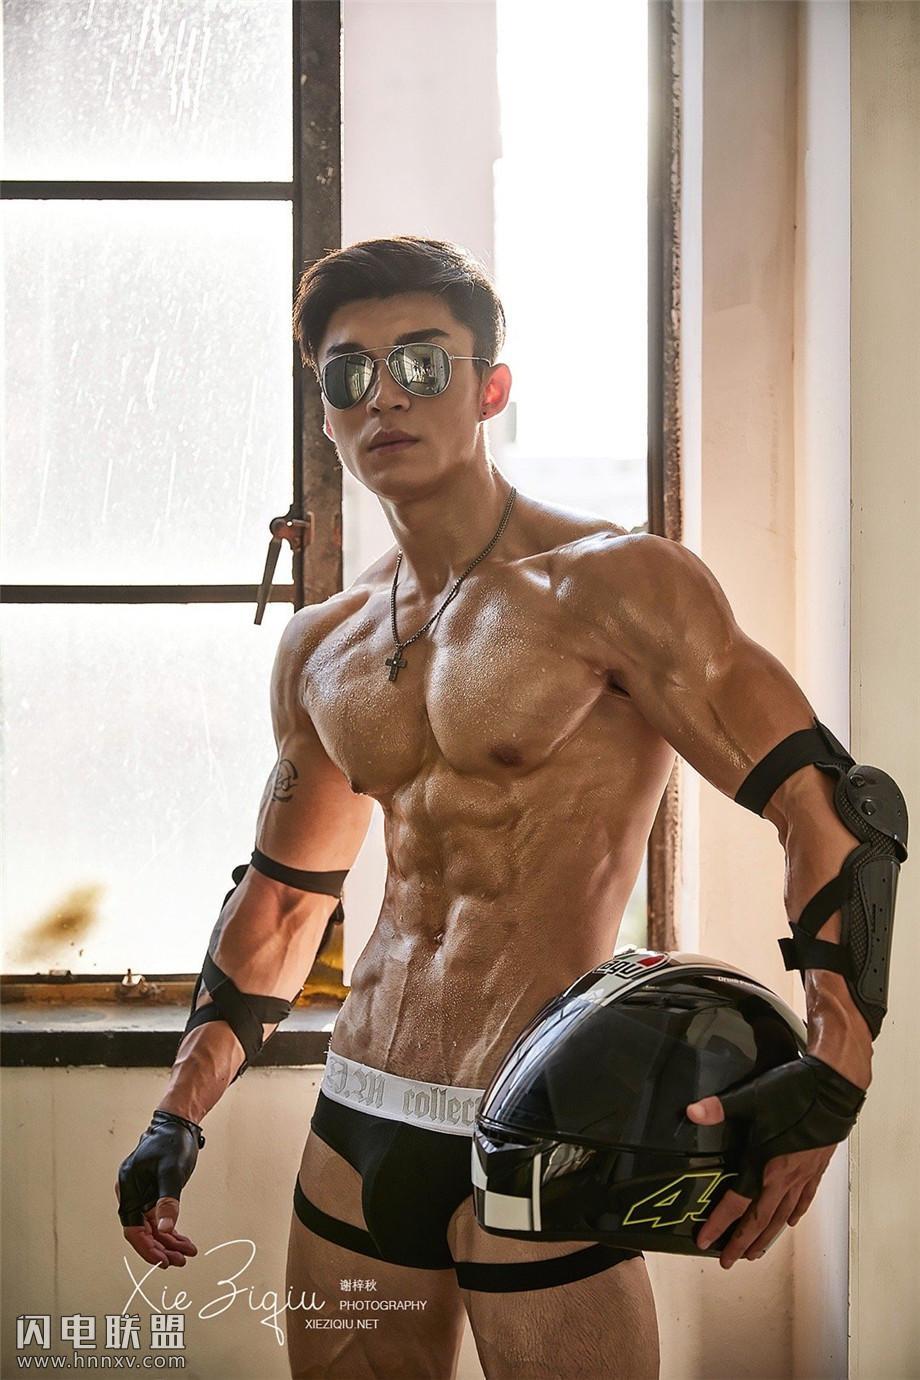 90后要颜值性感型男肌肉图片